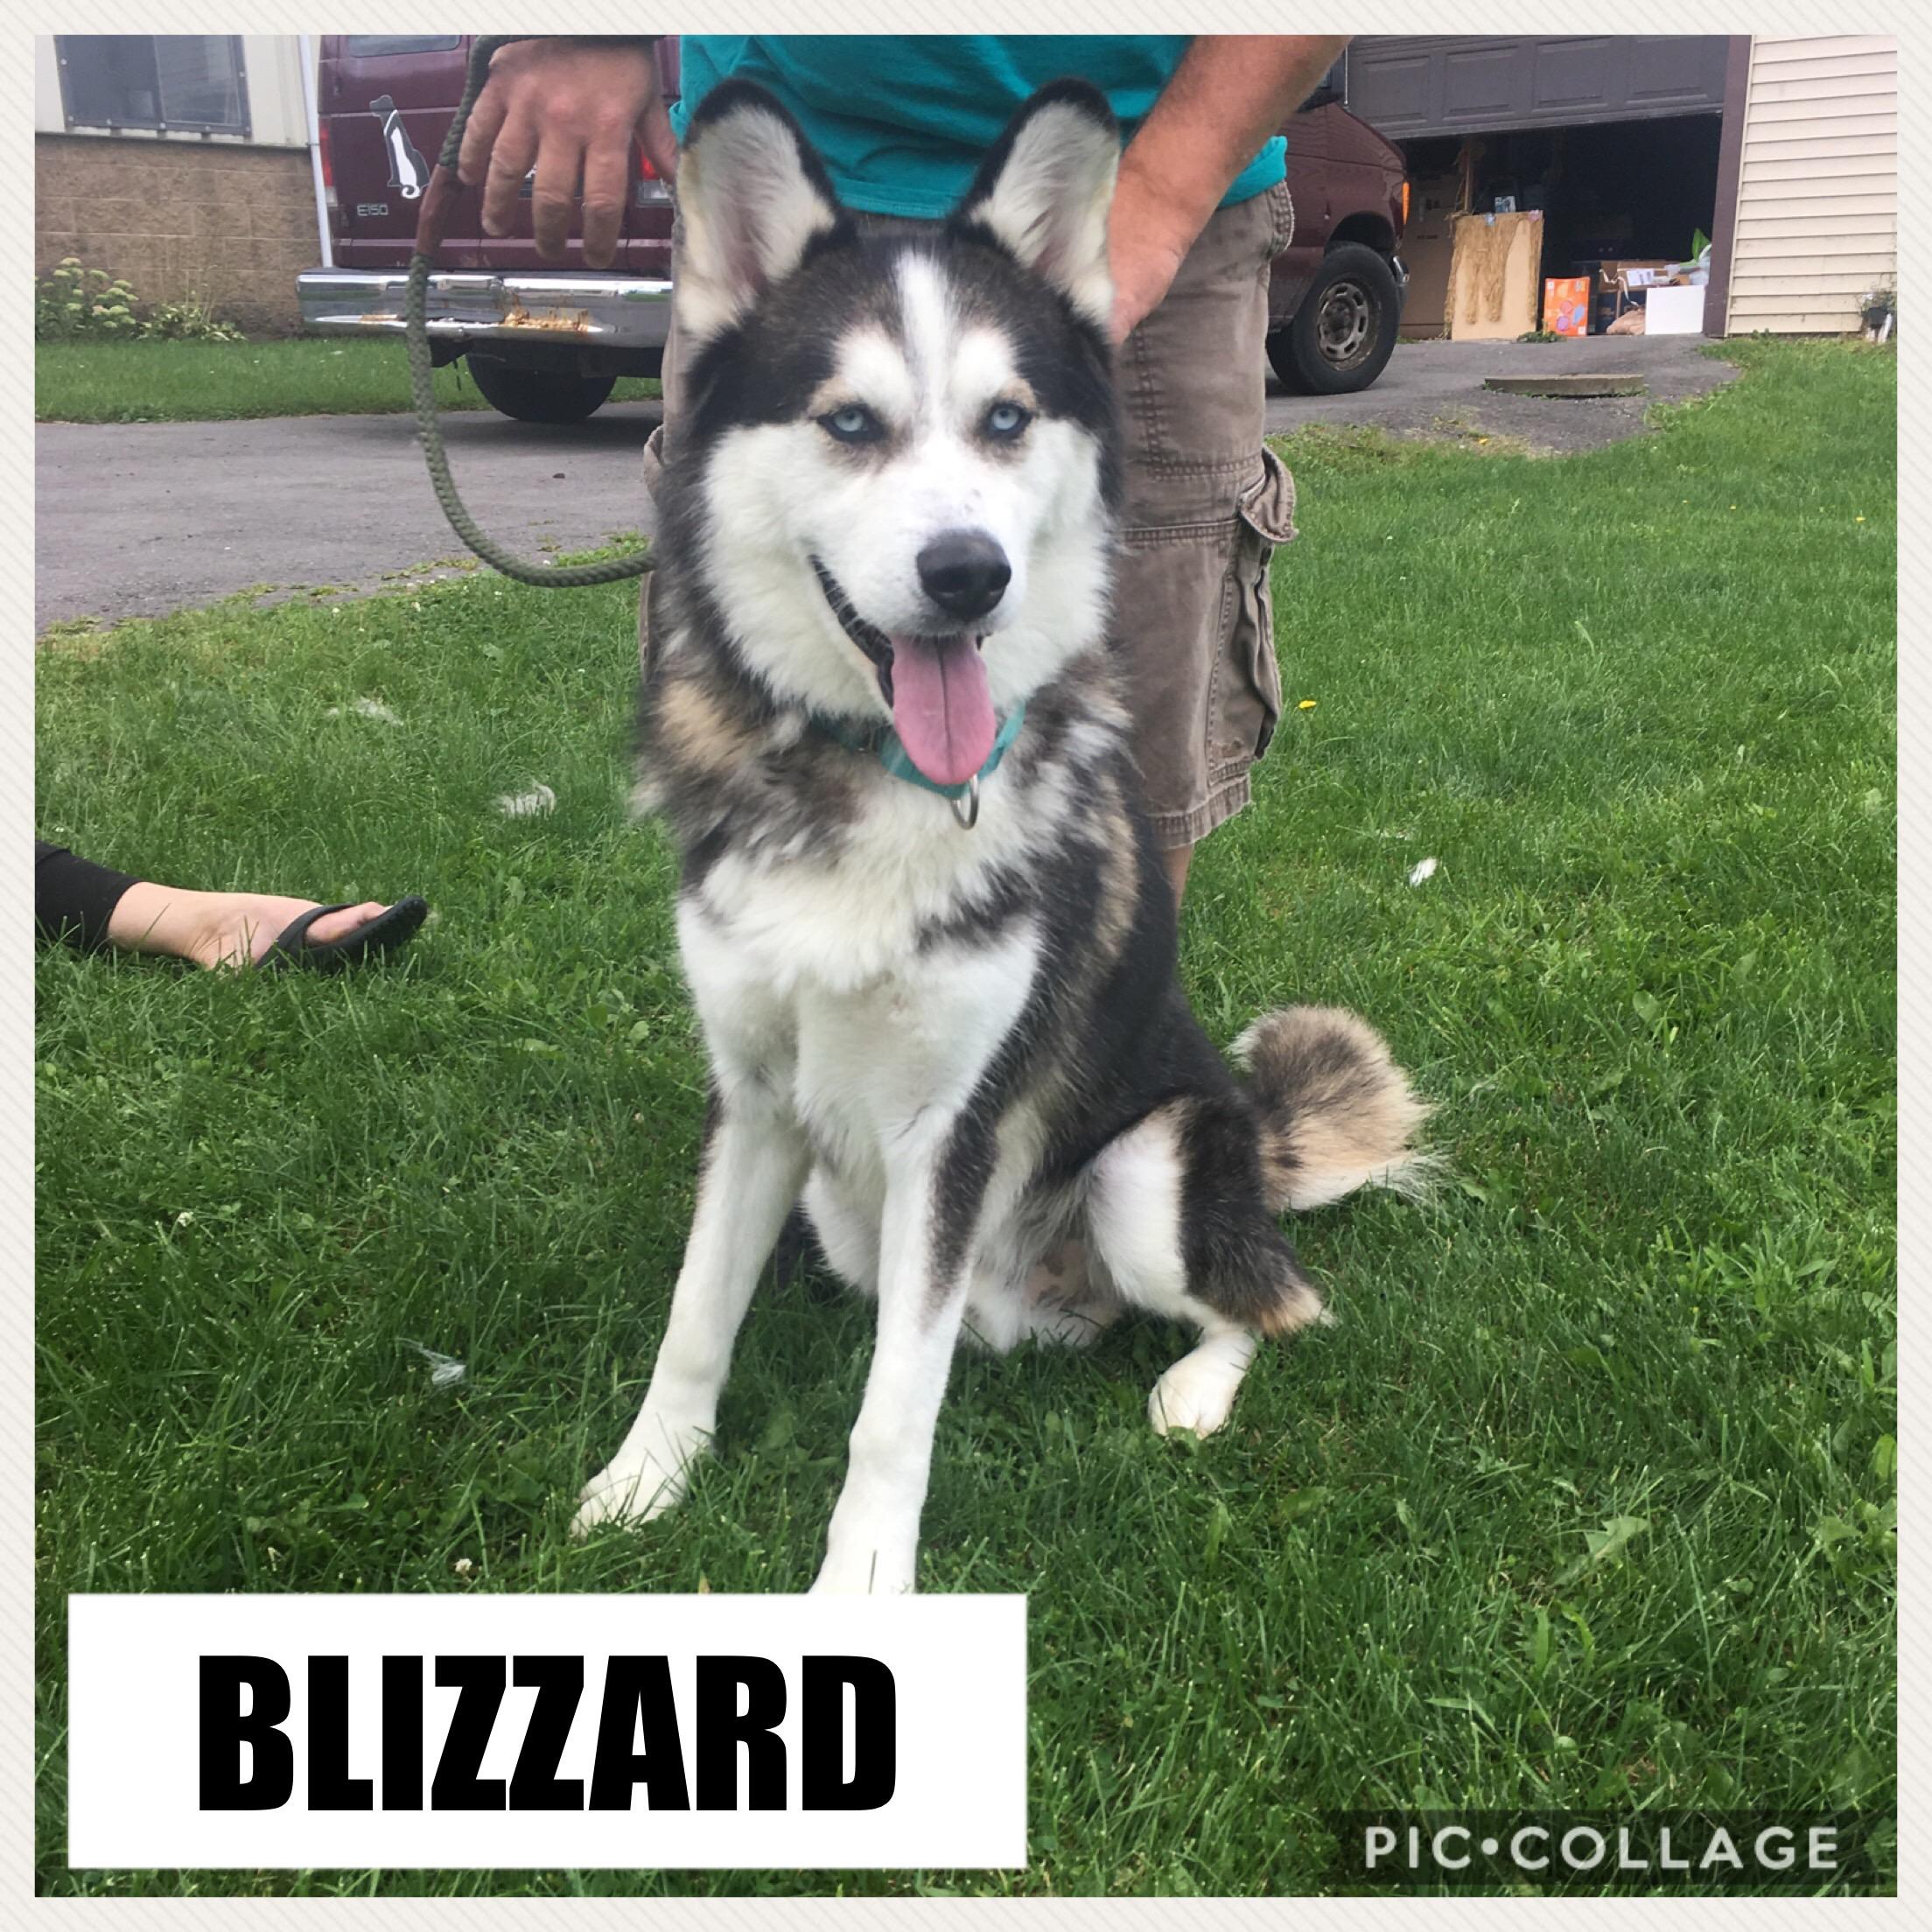 Blizzard - Husky